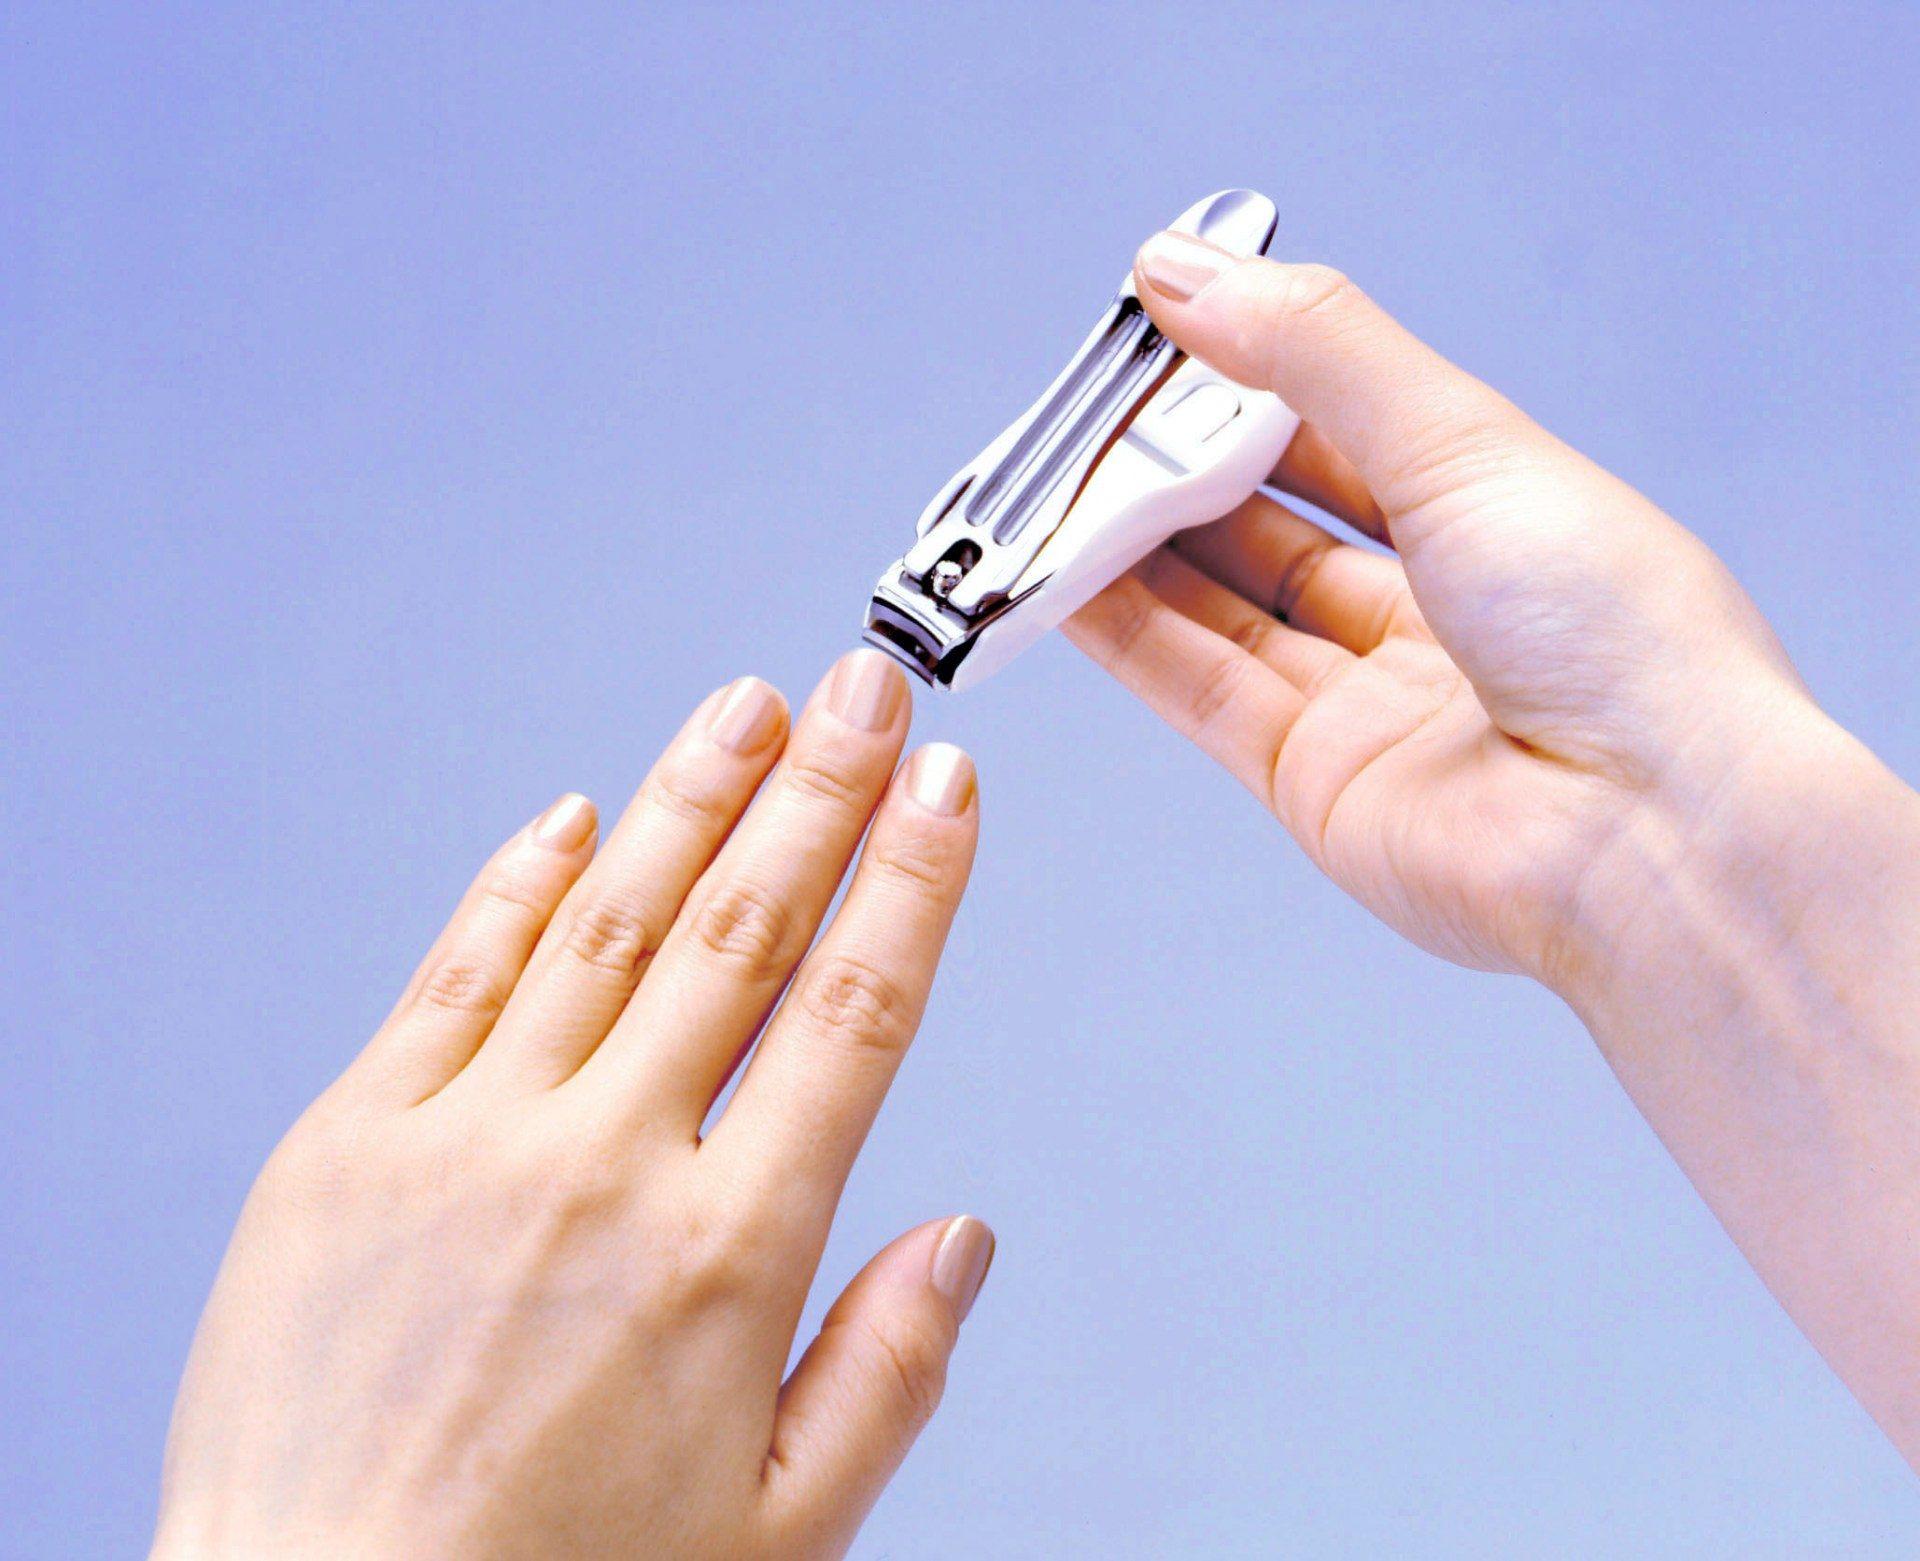 安全好用的日本指甲刀